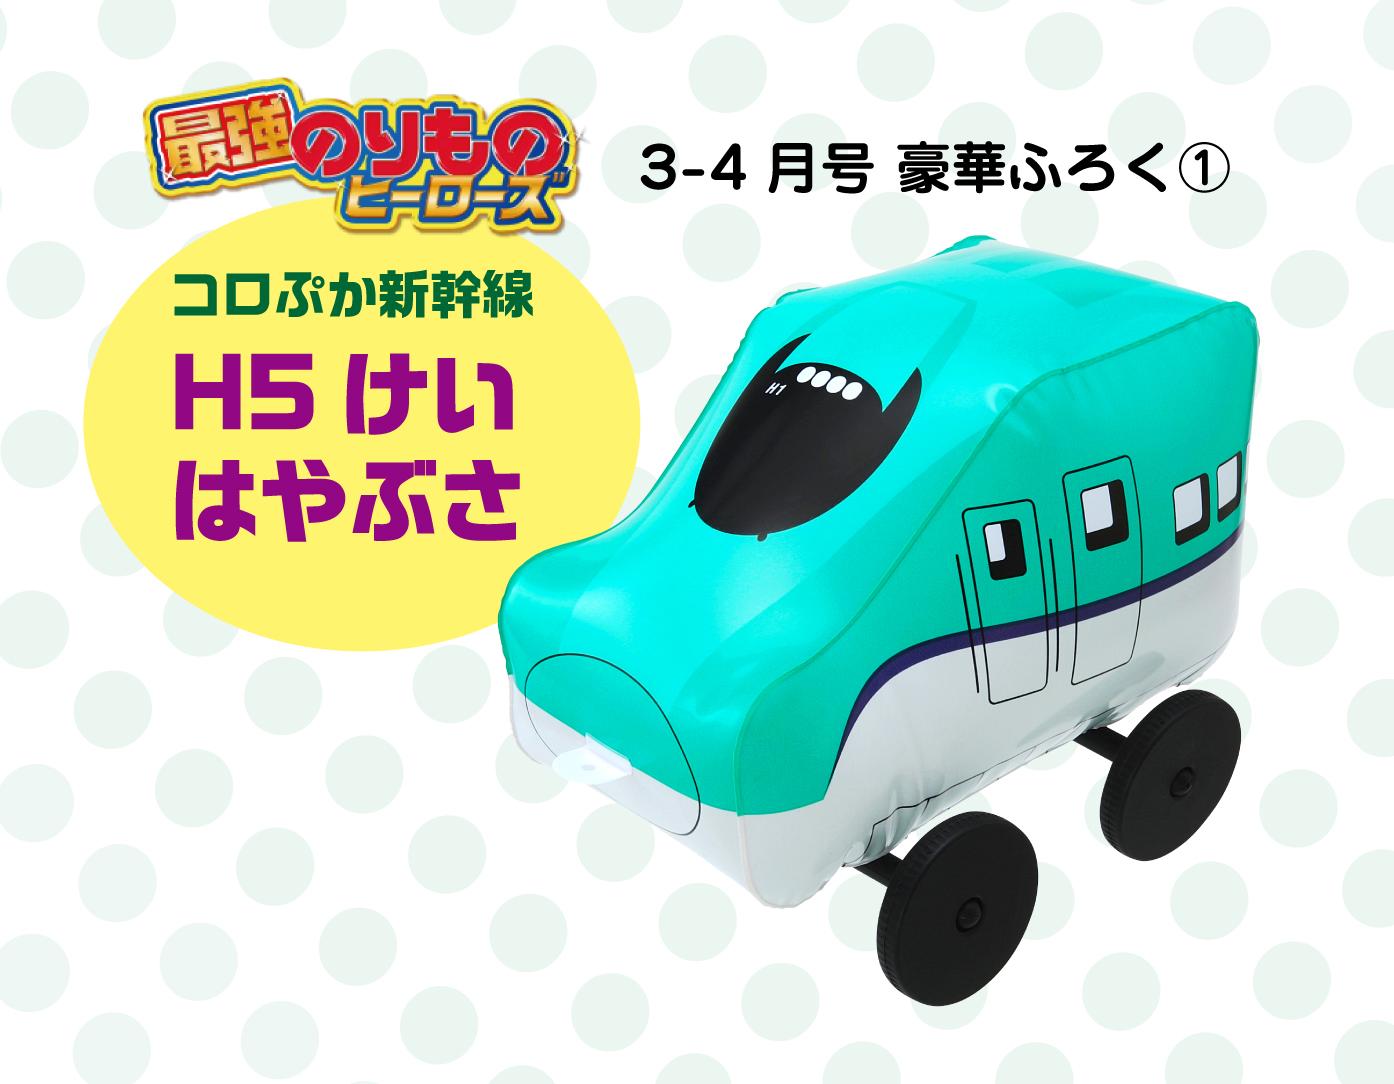 「コロぷか新幹線 H5けいはやぶさ」画像